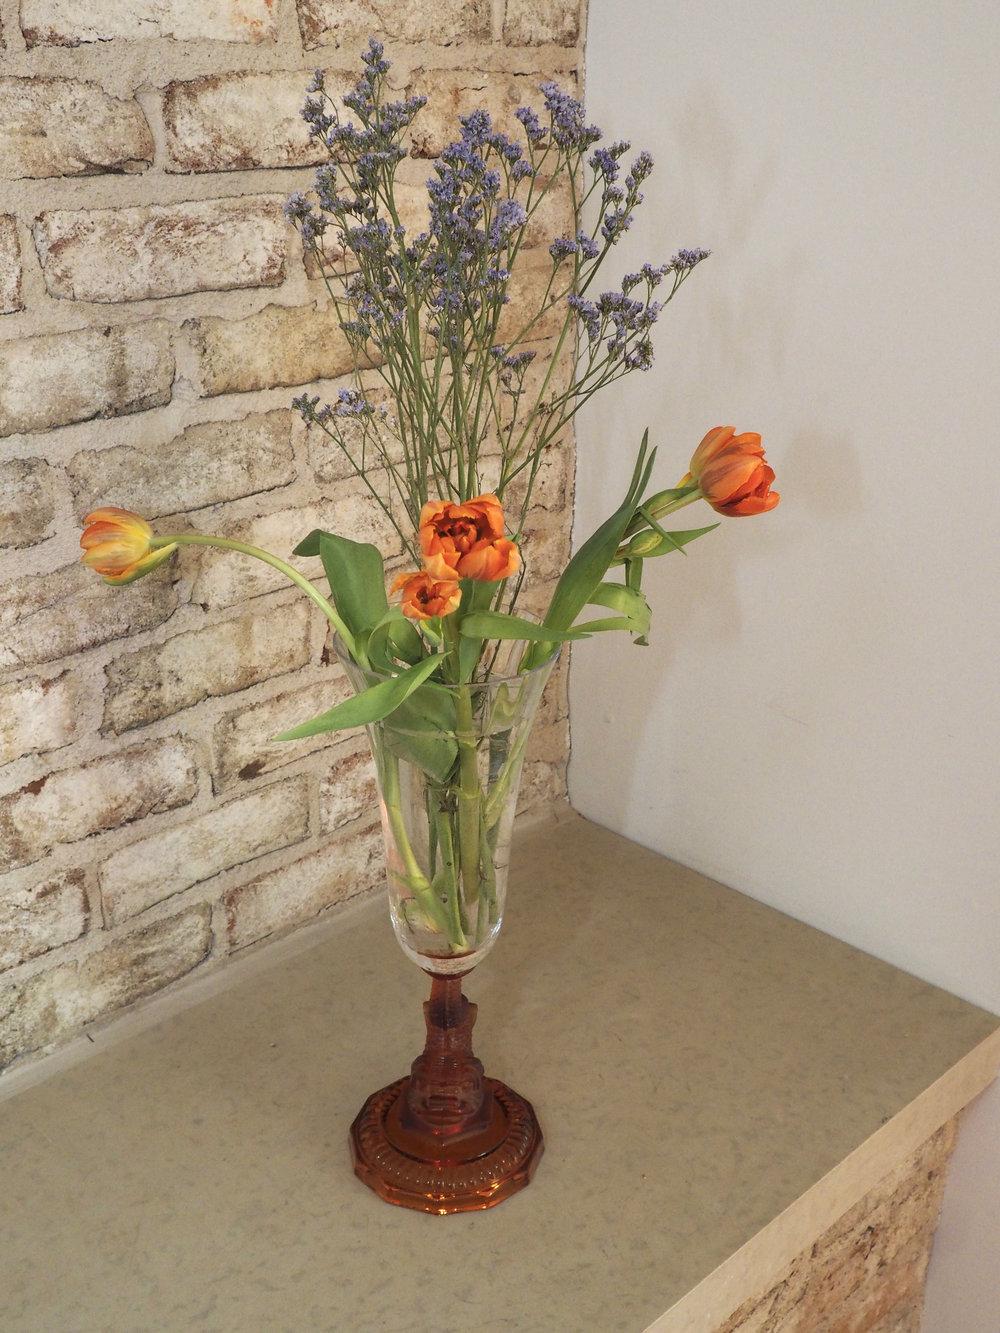 cindi_mixedflowers_spiritedtable_photo5.jpg